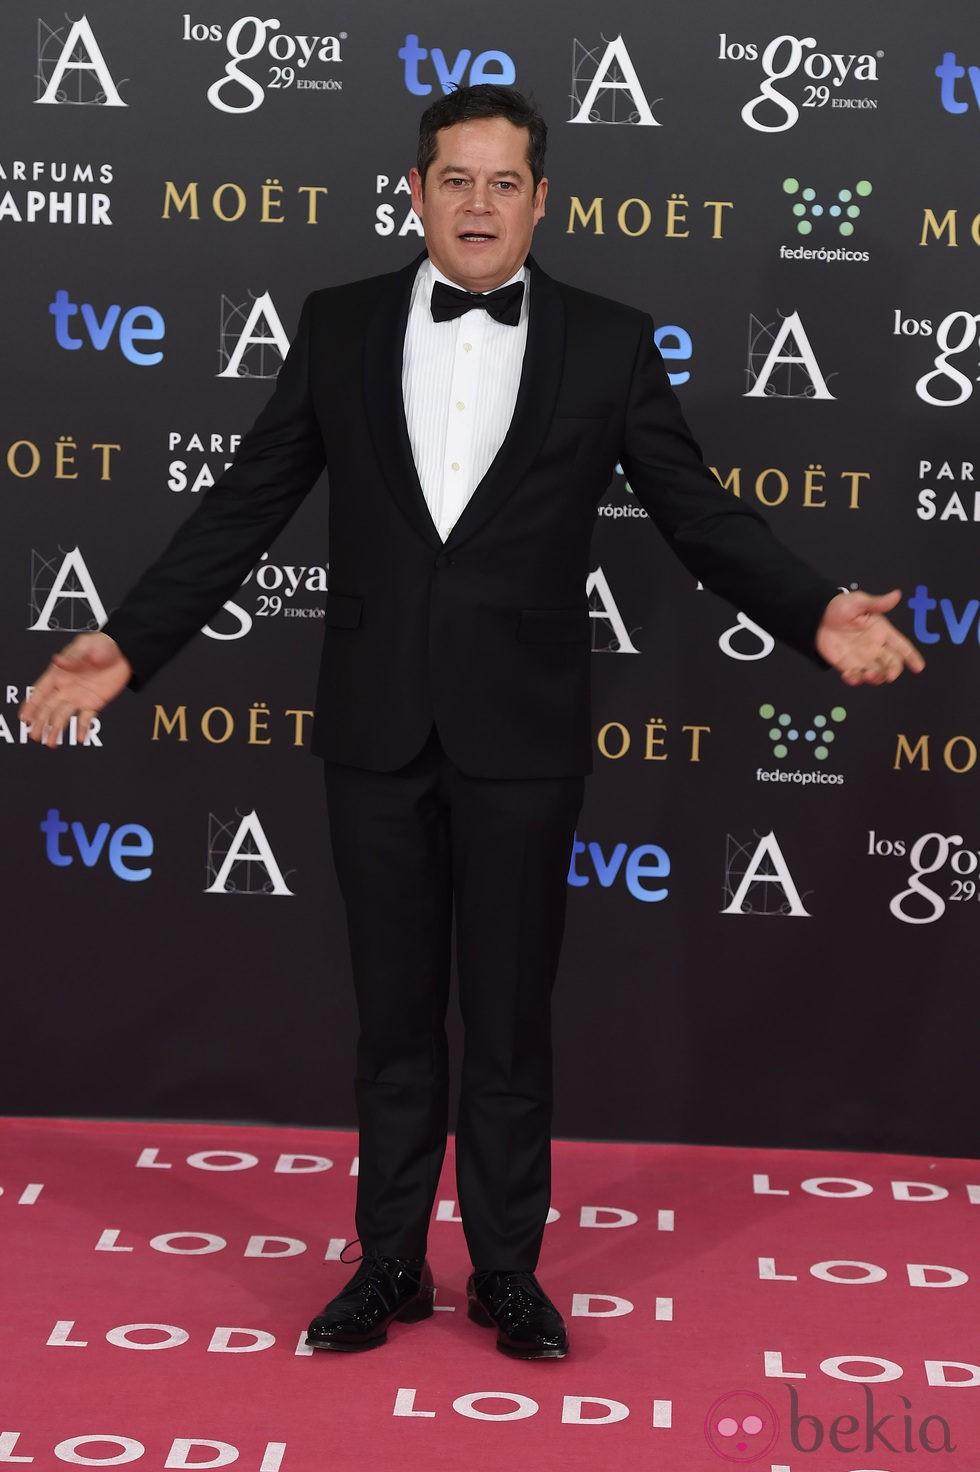 Jorge Sanz en la alfombra roja de los Goya 2015